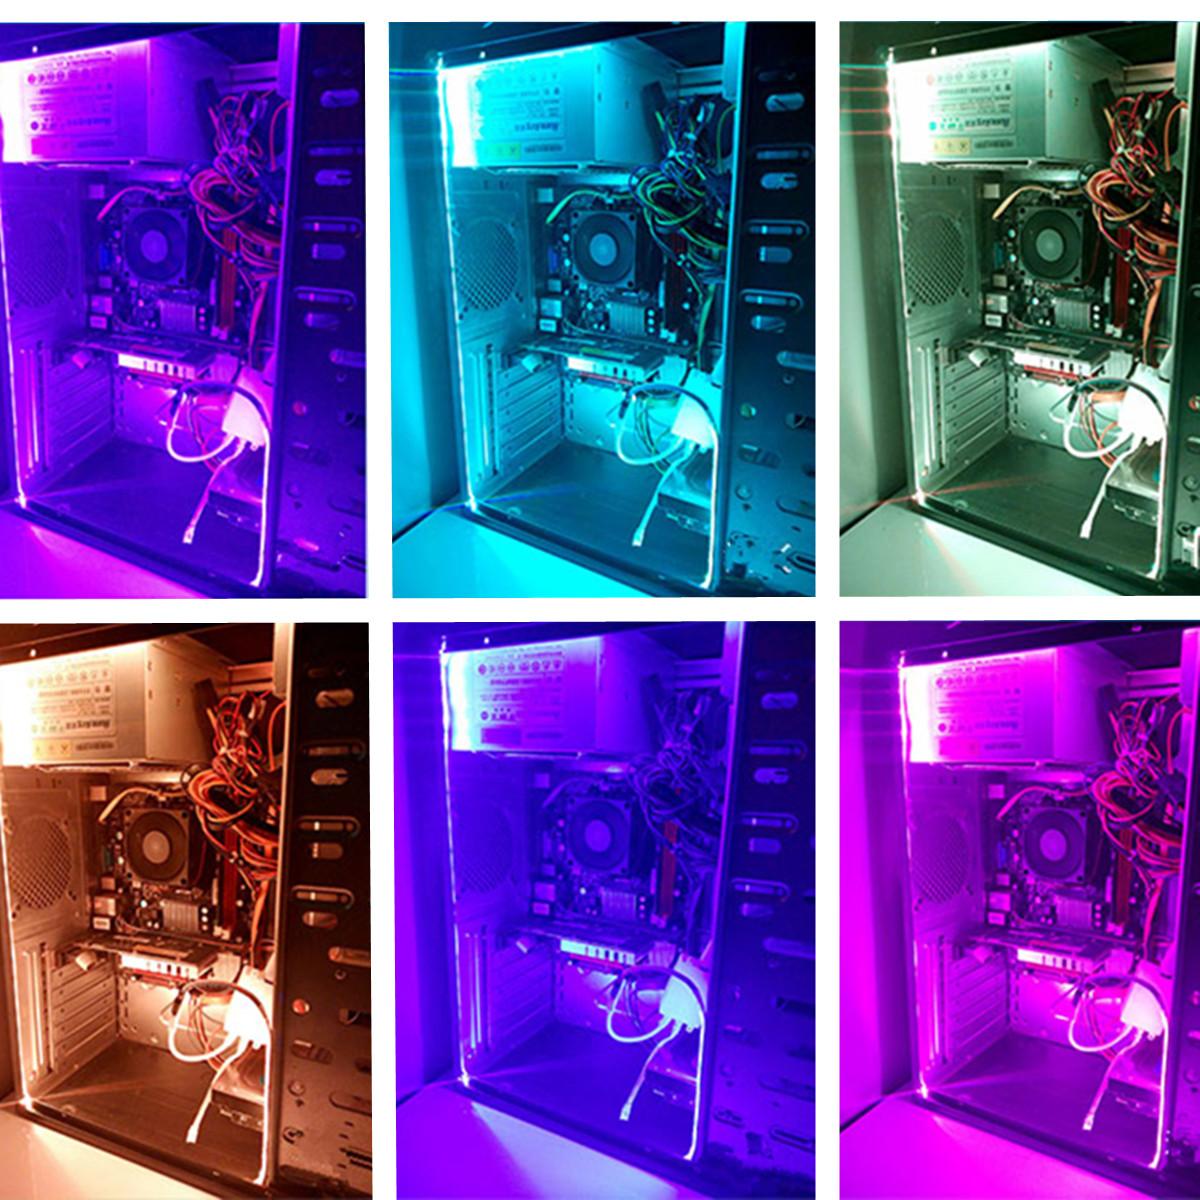 2PCS 50CM 5050 SMD 17 Keys Remote Control LED Strip Lighting for Home Decoration